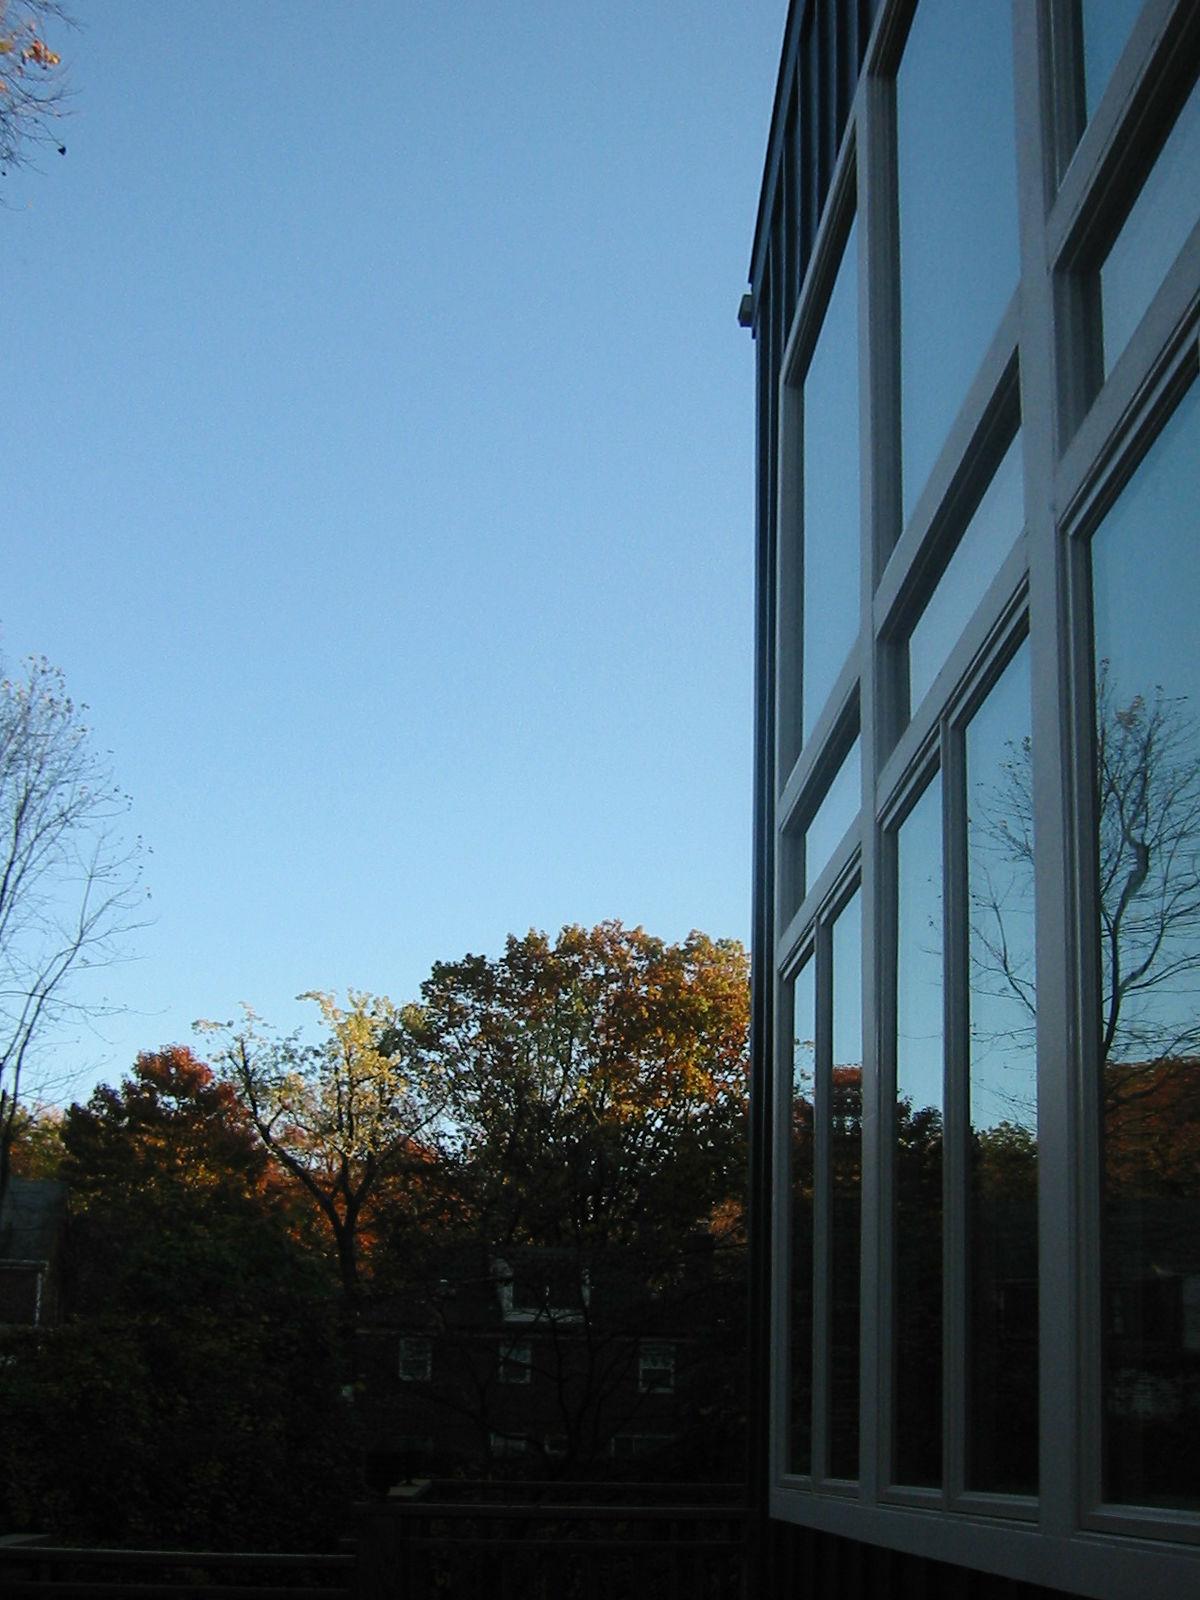 blue_sky_house_03.jpg